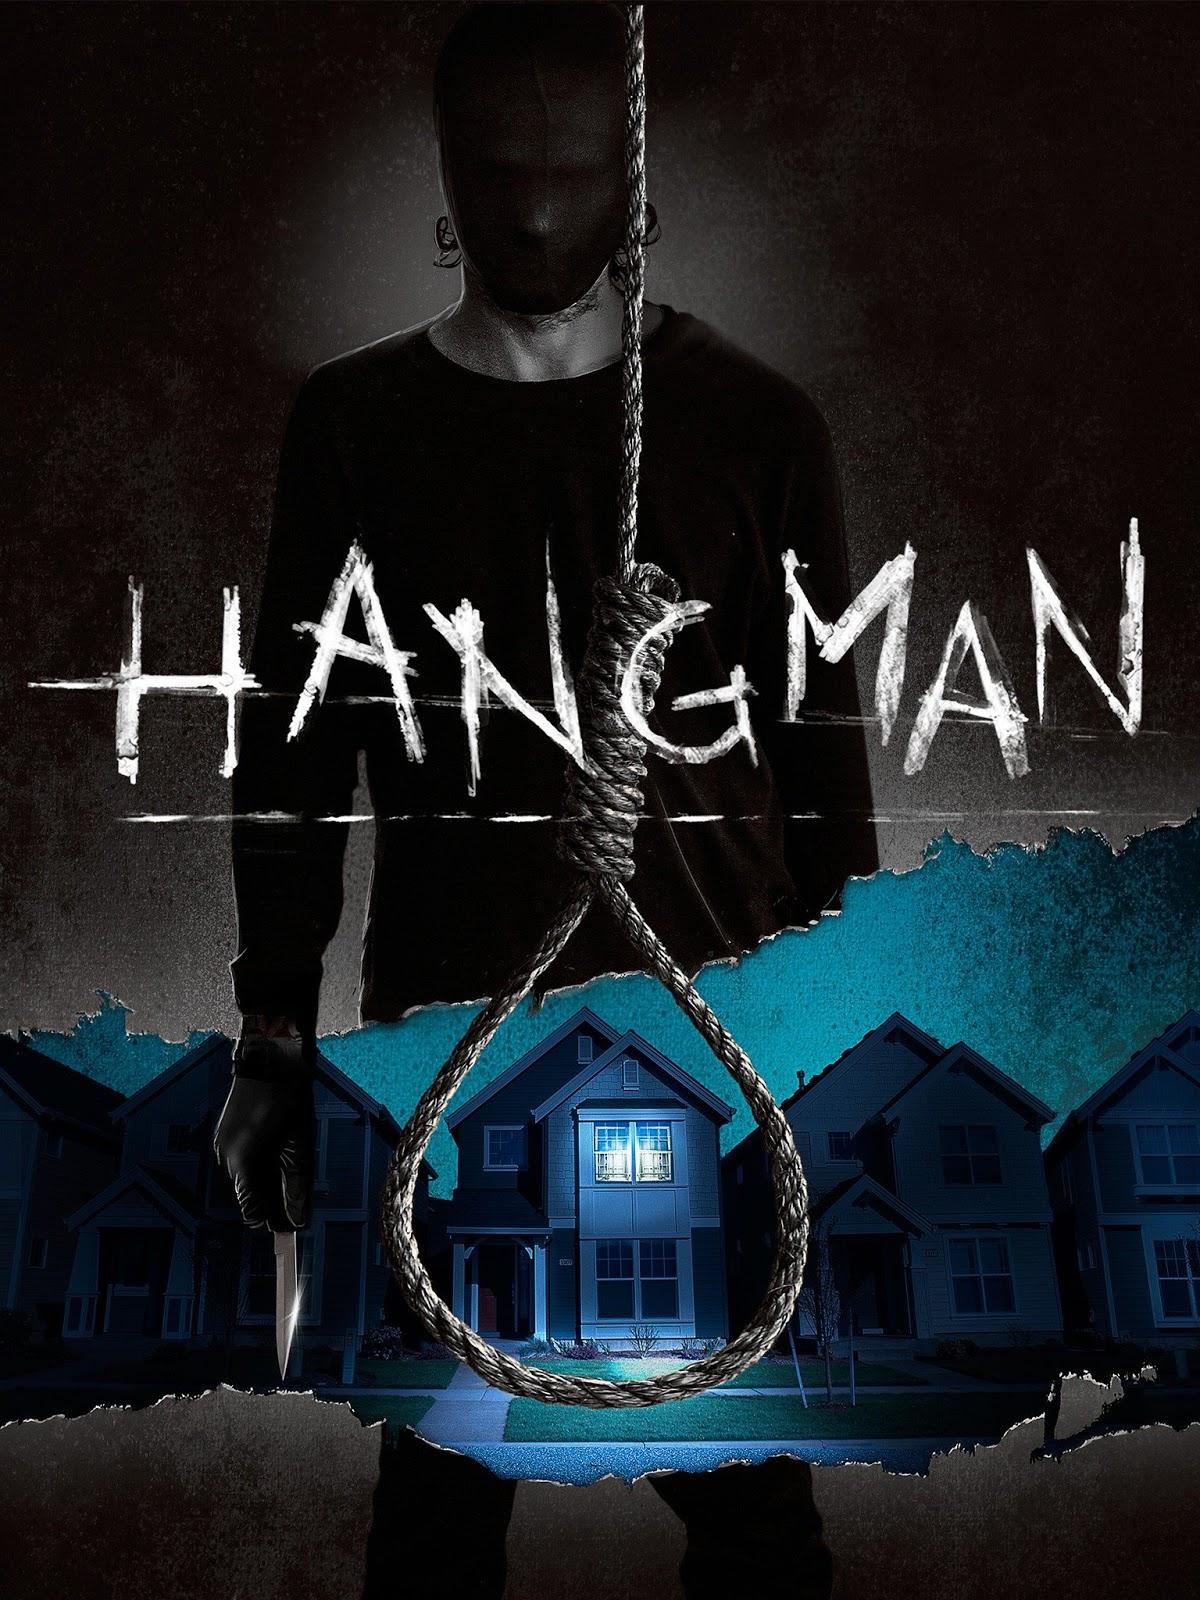 Kate ashfield hangman - 3 4